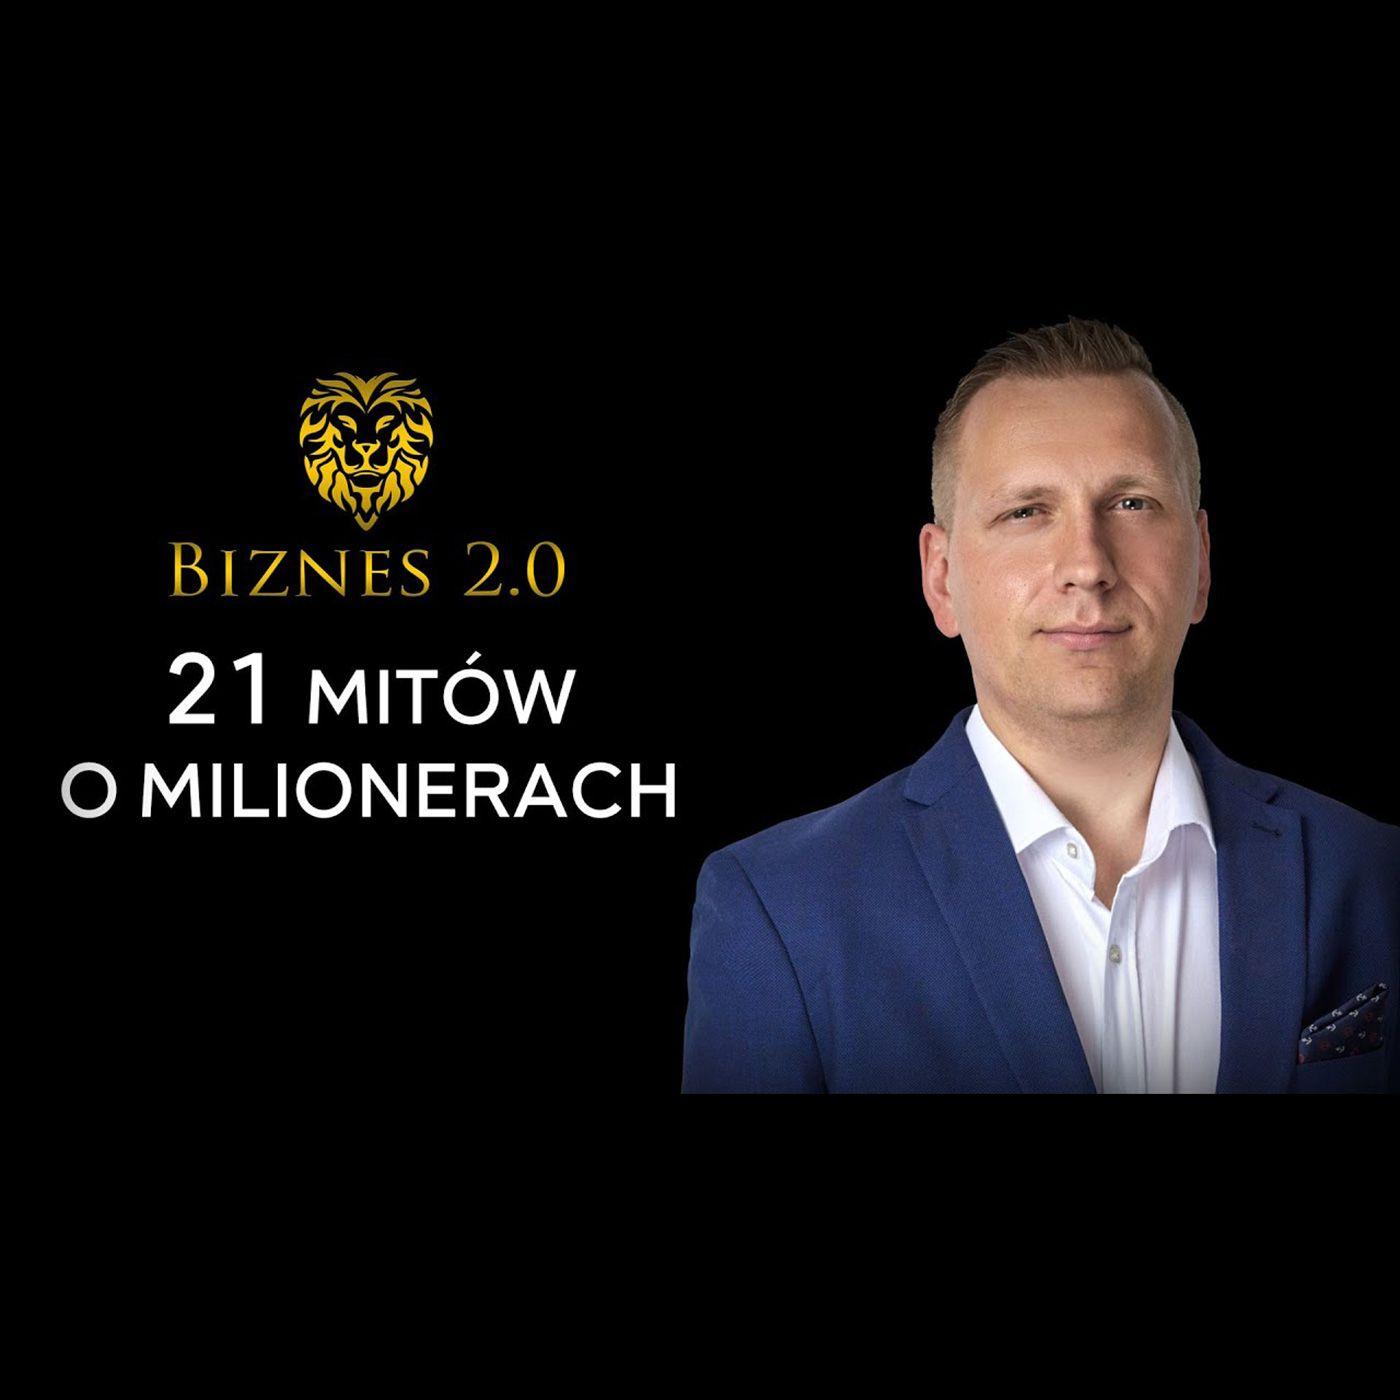 Jacy naprawdę są milionerzy i czy będziesz jednym z nich? [Biznes 2.0]